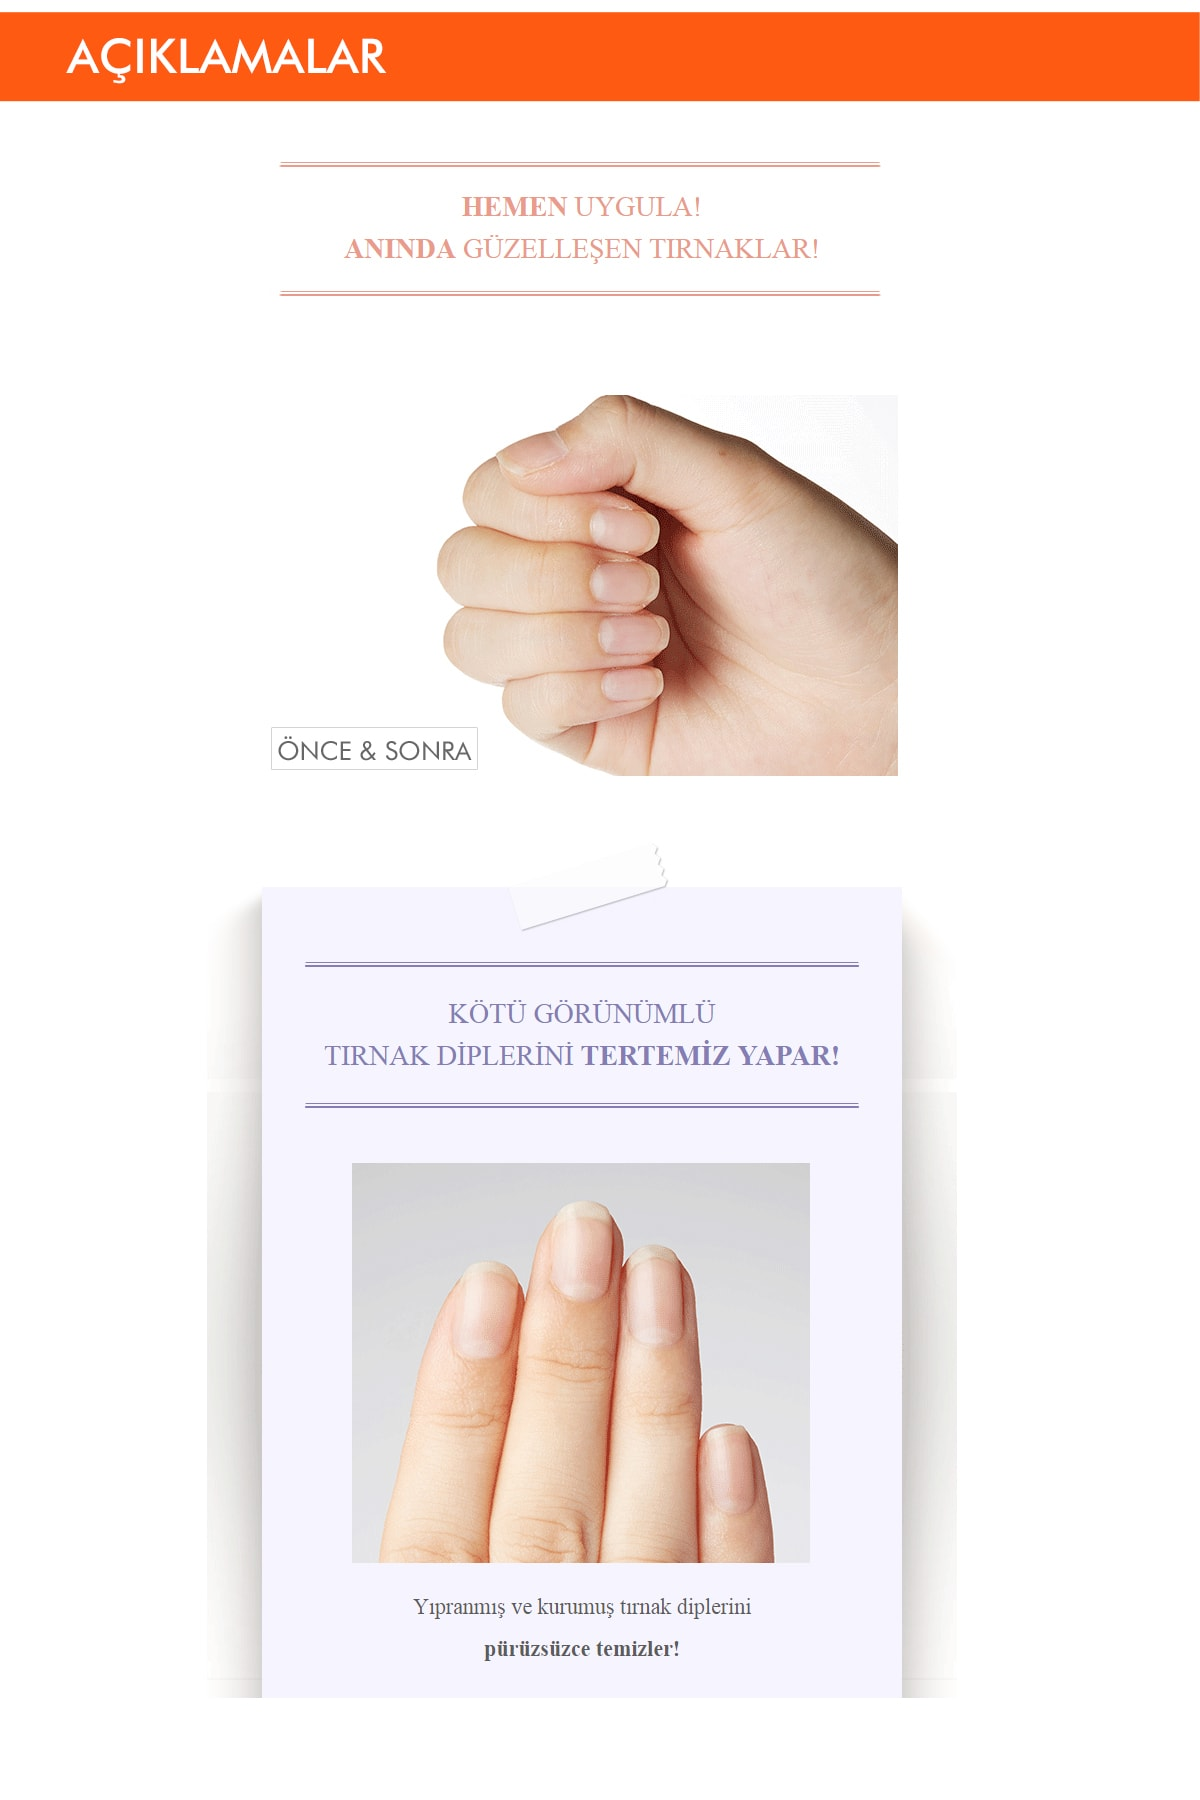 Missha Yıpranmış Ve Kurumuş Tırnak Dipleri İçin Bakım Kremi 10ml APIEU Ugly Cuticle Cream 1